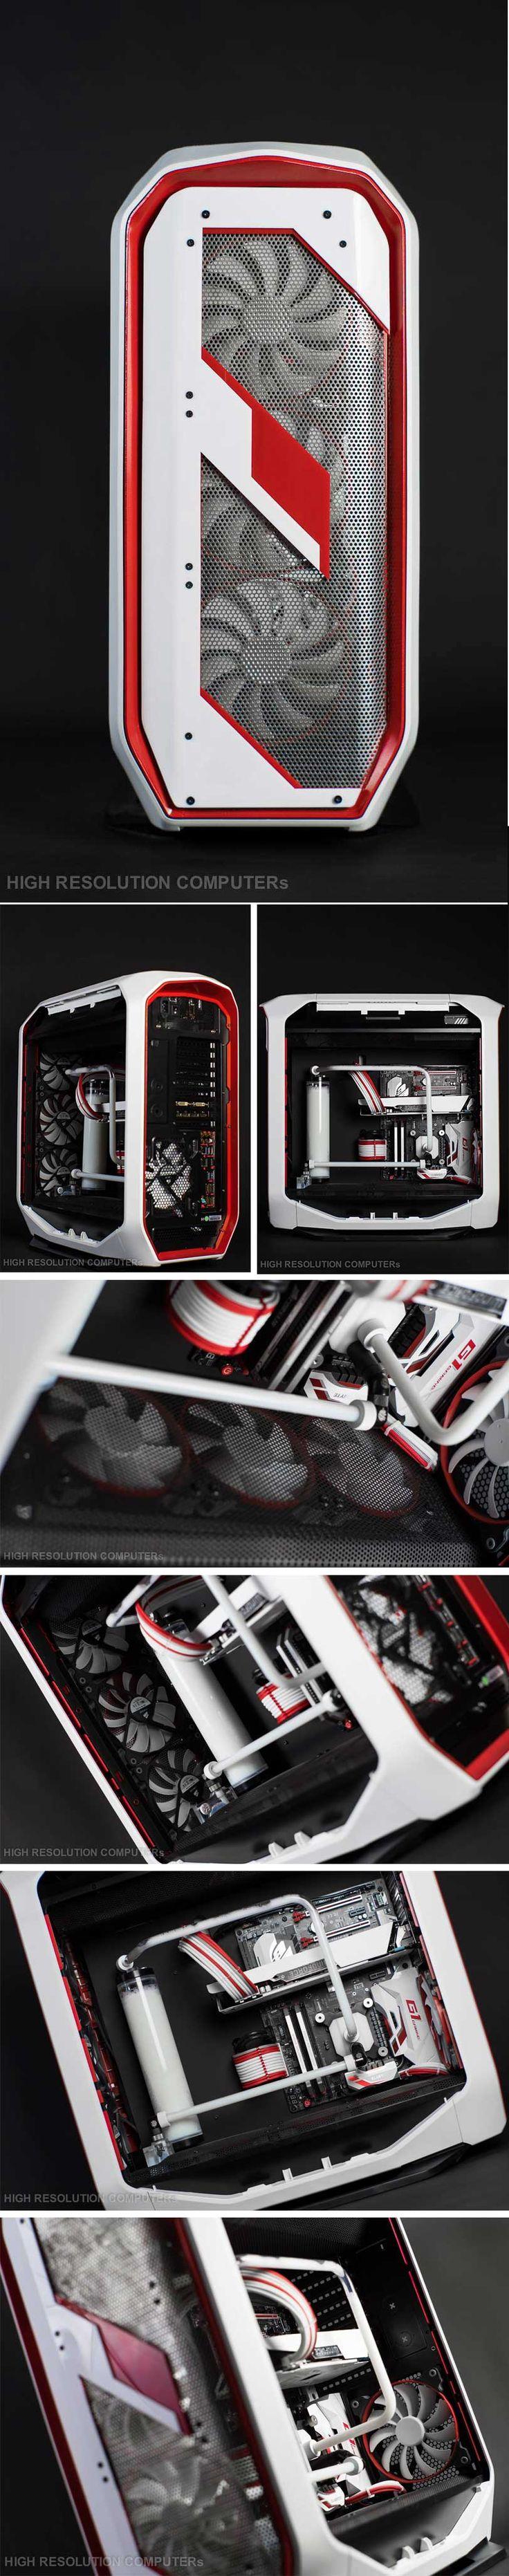 Gigabyte z97x gaming 5 4 7 7 145 95 in stock 3 5 pcs - Spec I7 6700k Gigabyte Z170x G1 Gaming 7 Gigabyte Gtx980 G1 Gaming Intel Ssd P